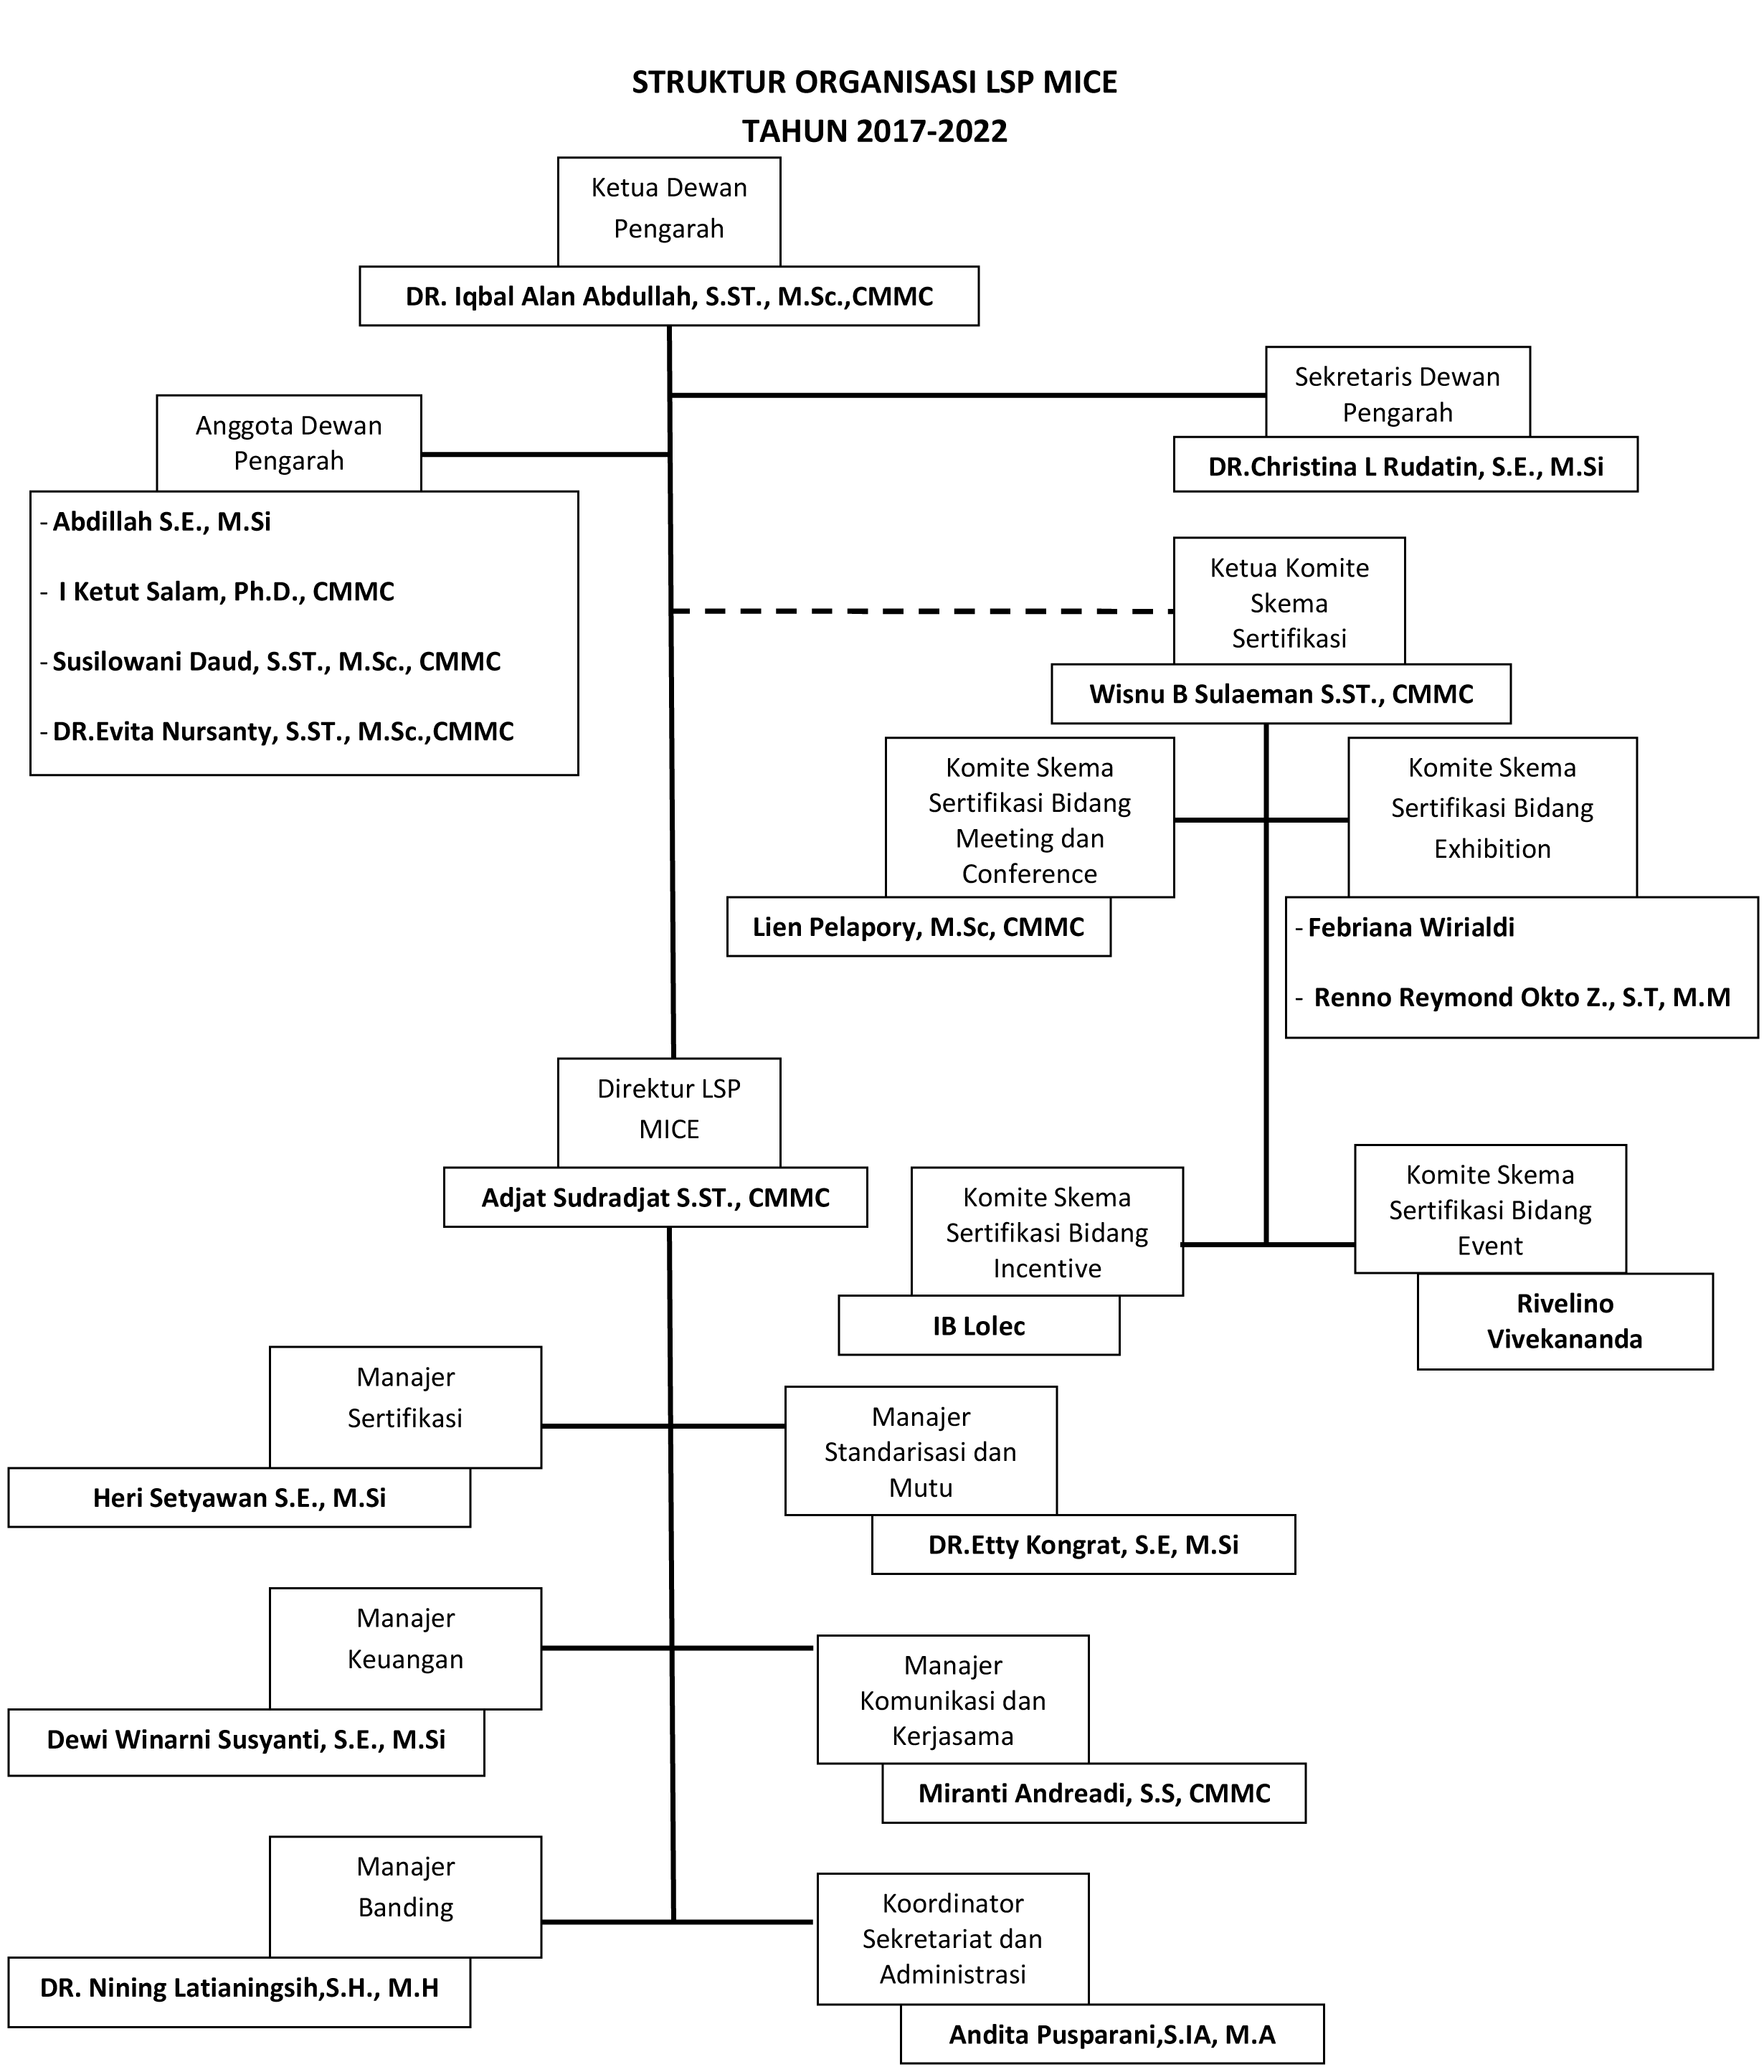 struktur-lsp-mice-update-februari-2021